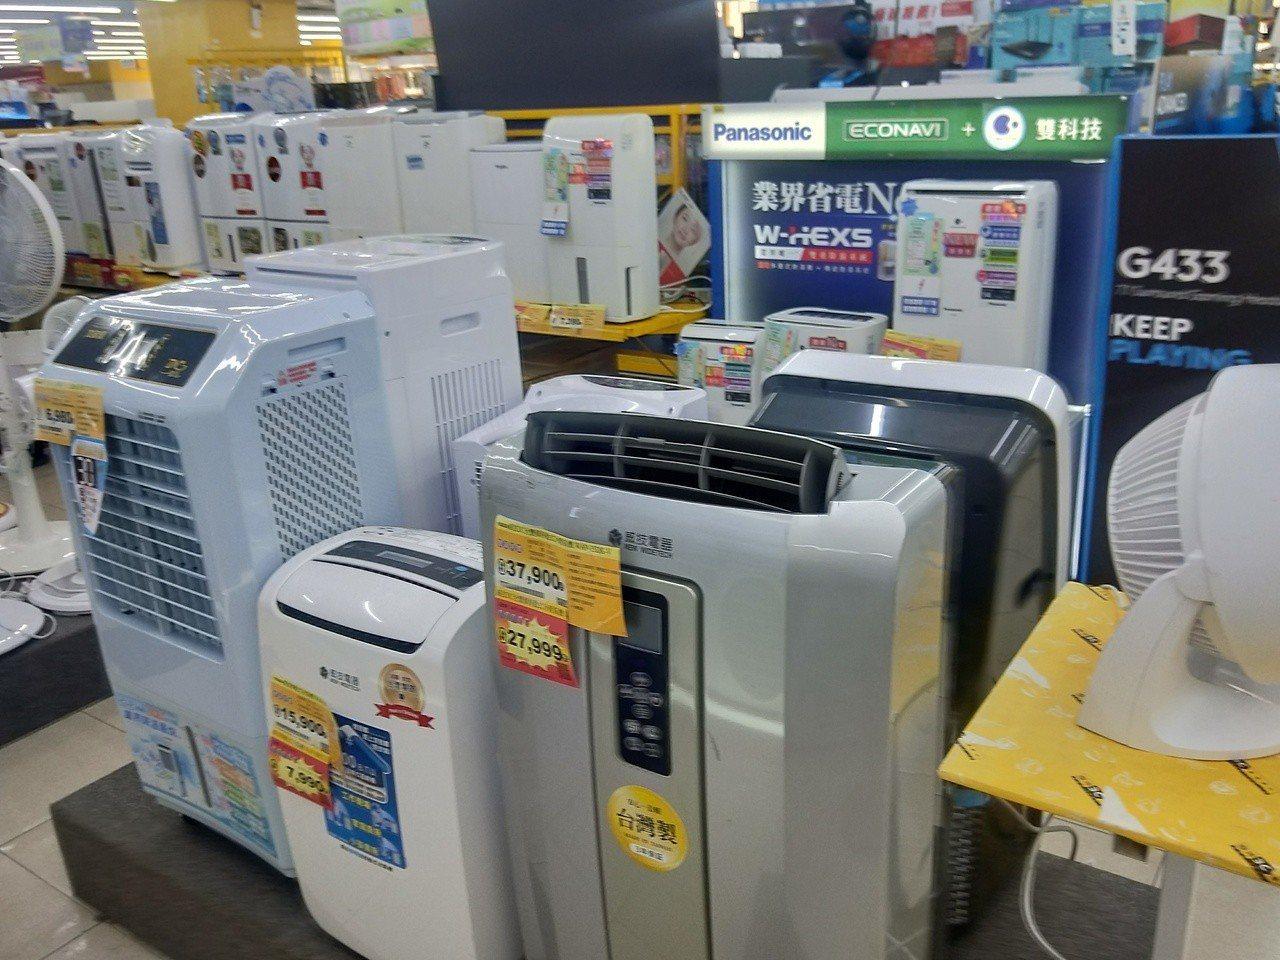 全國只有基隆!節能家電補助基隆除冷氣、冰箱外,增加除濕機。記者游明煌/攝影